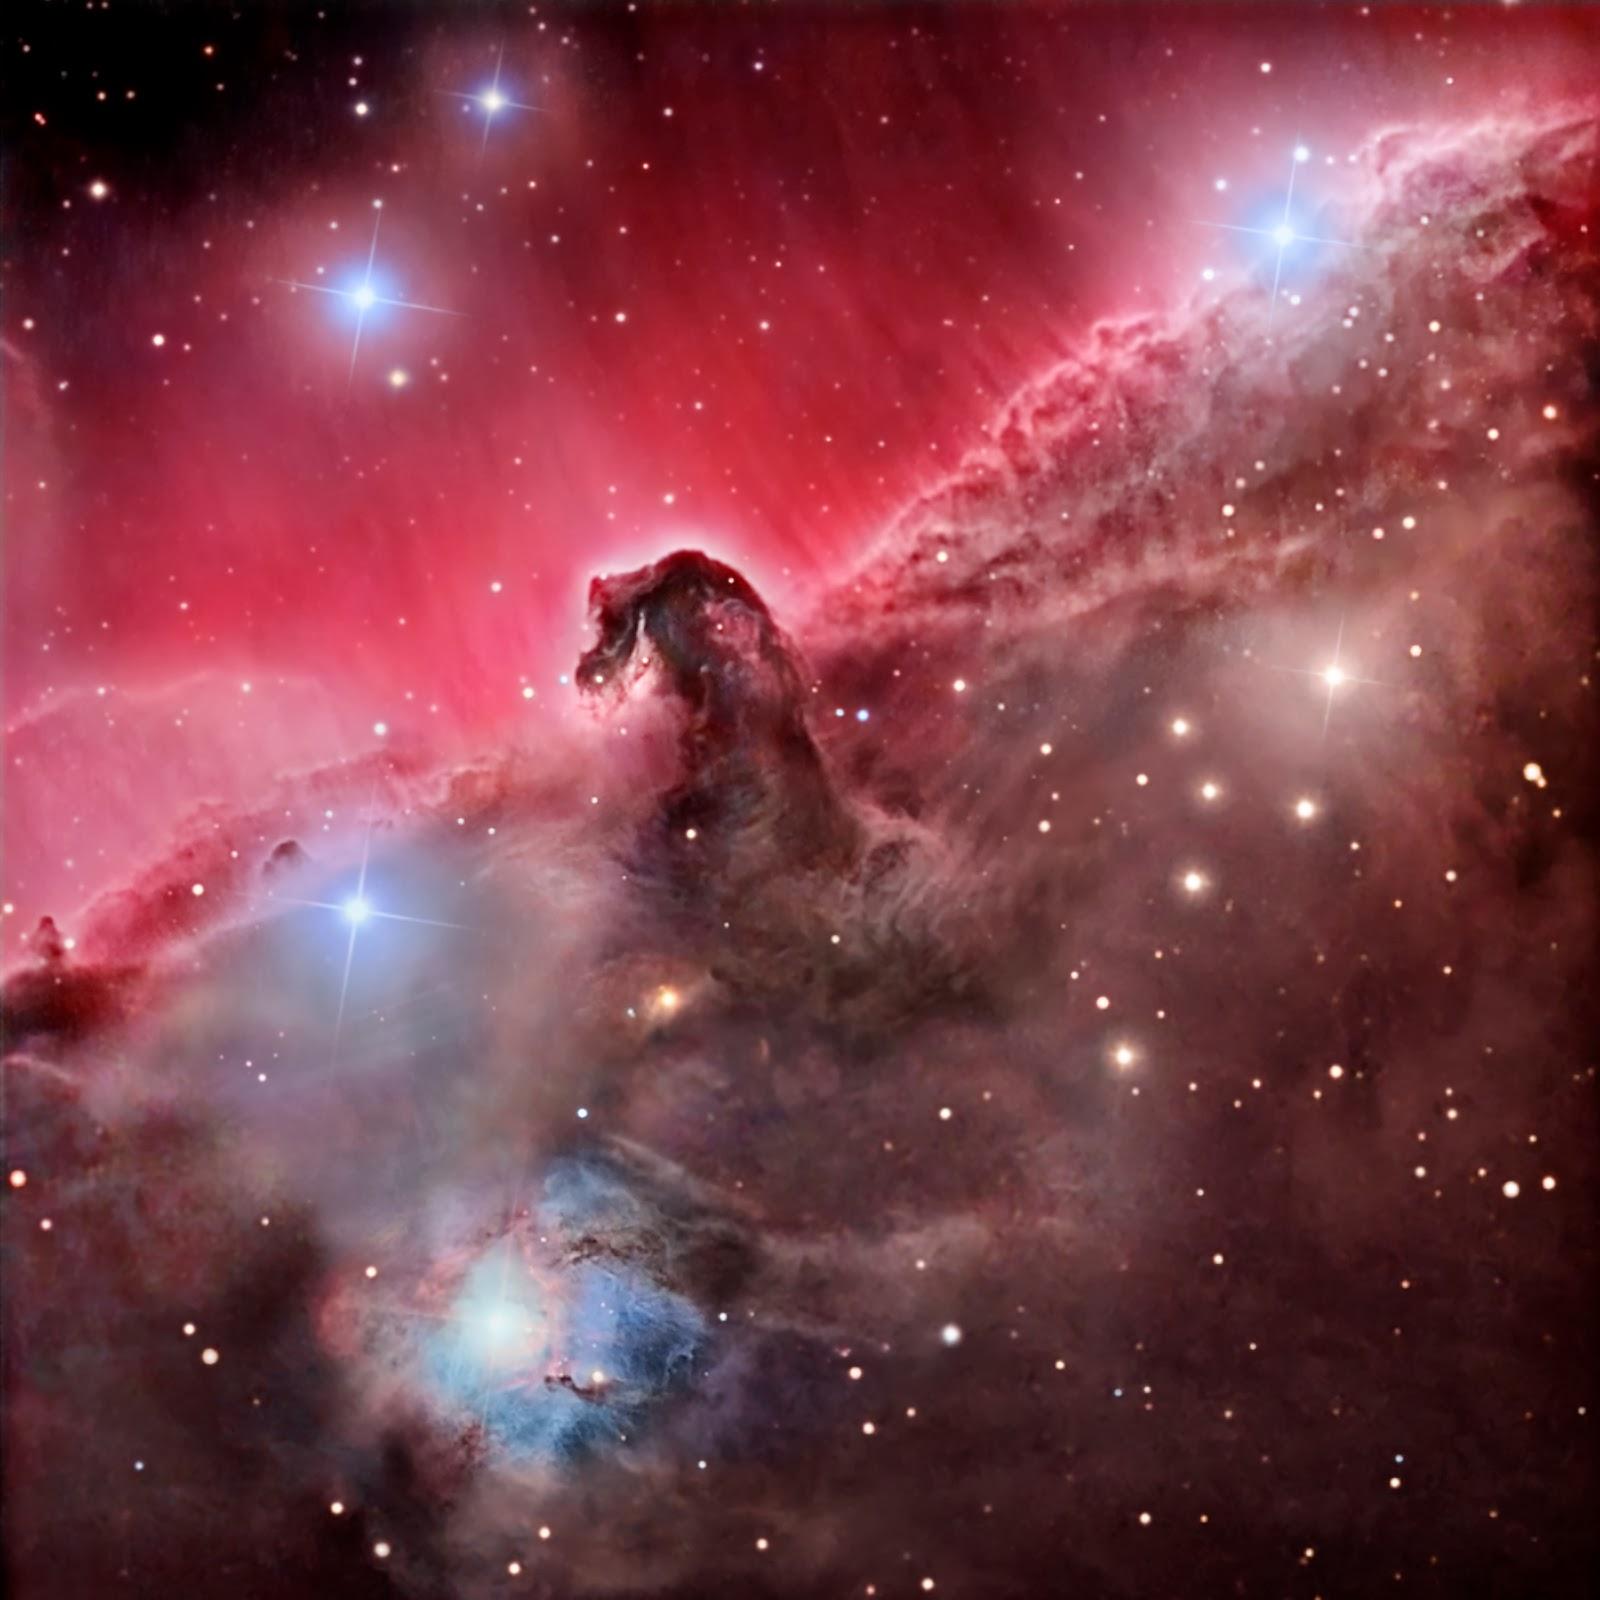 Las mejores fotos del Universo tomadas 23